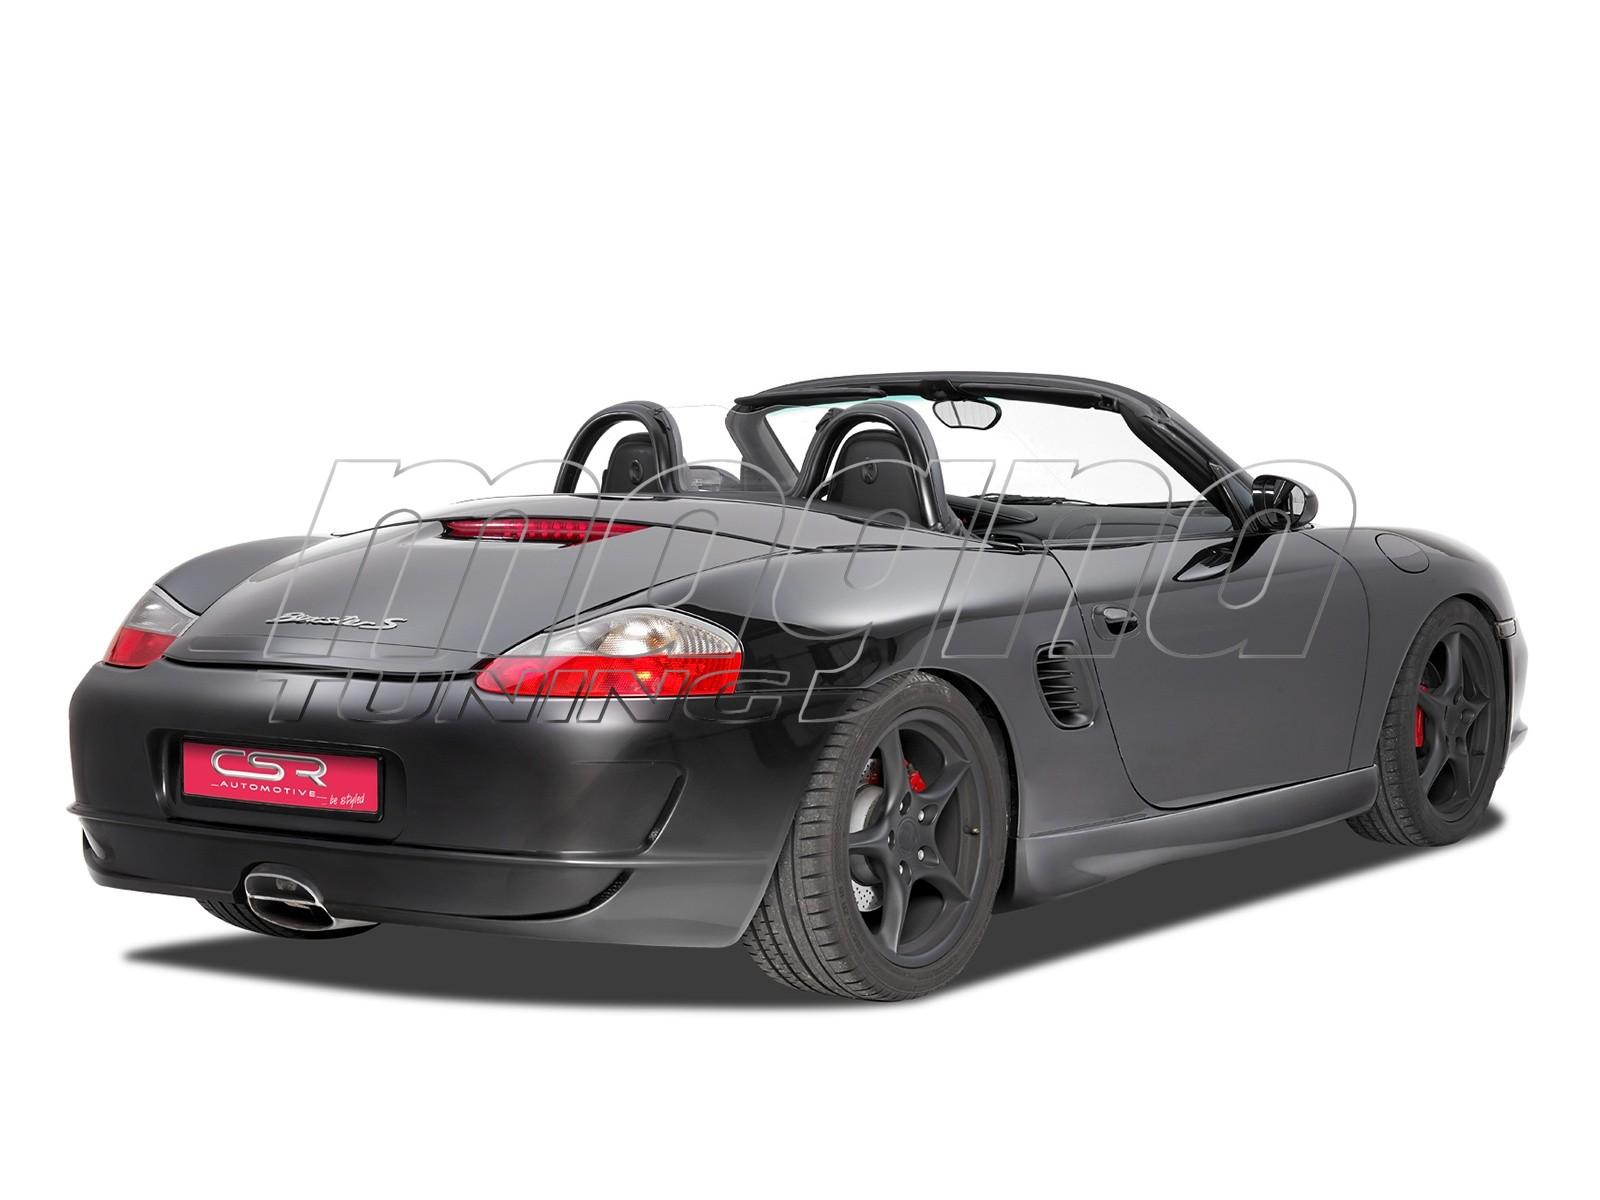 Porsche Boxster 986 Praguri S2-Line